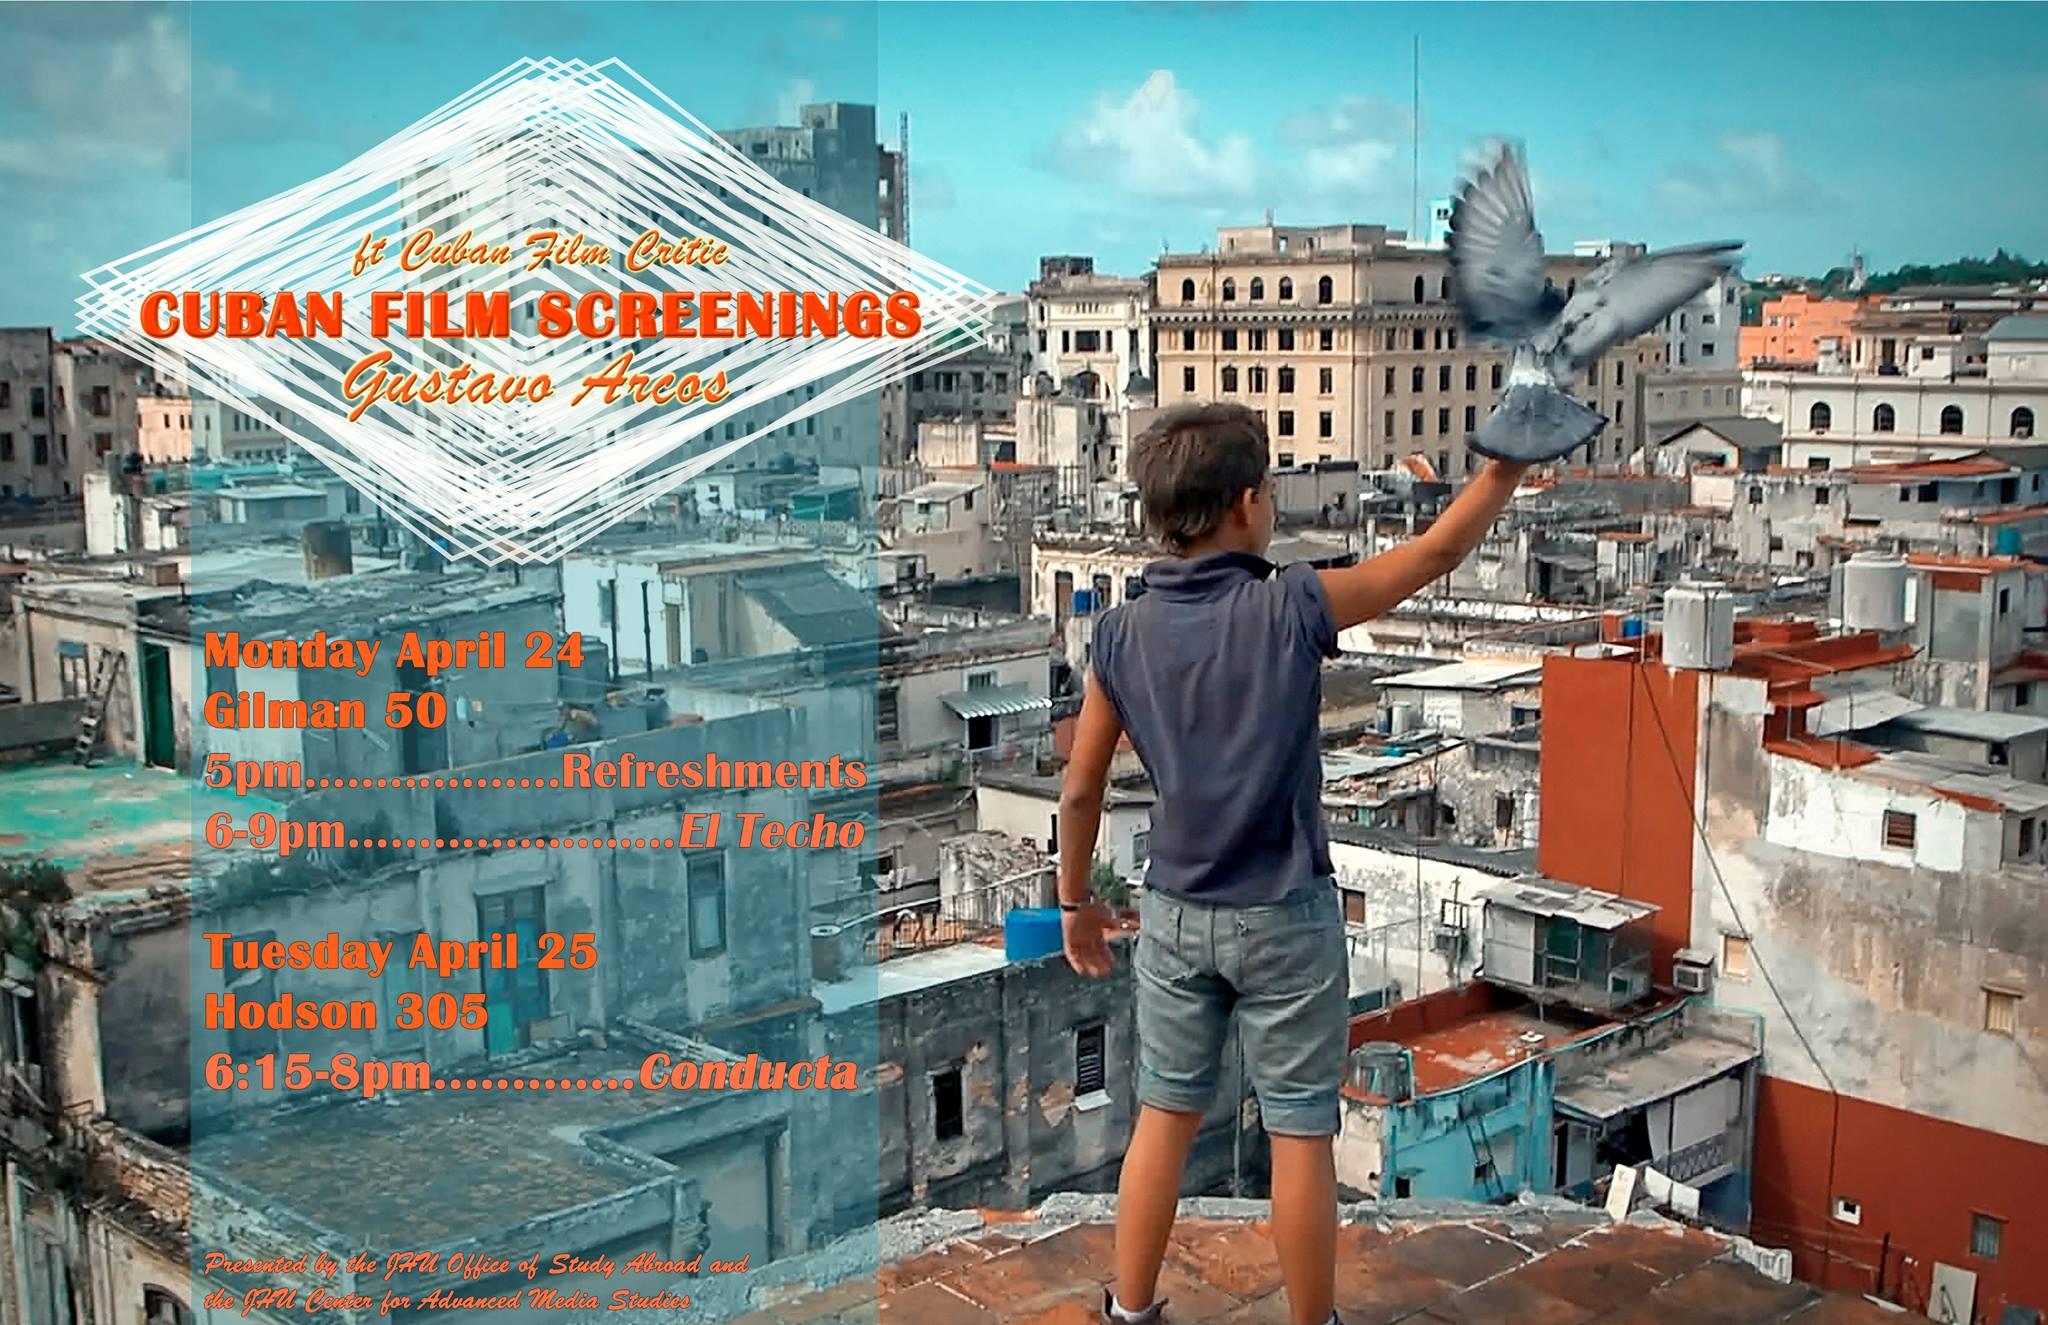 Cuban Film Screenings